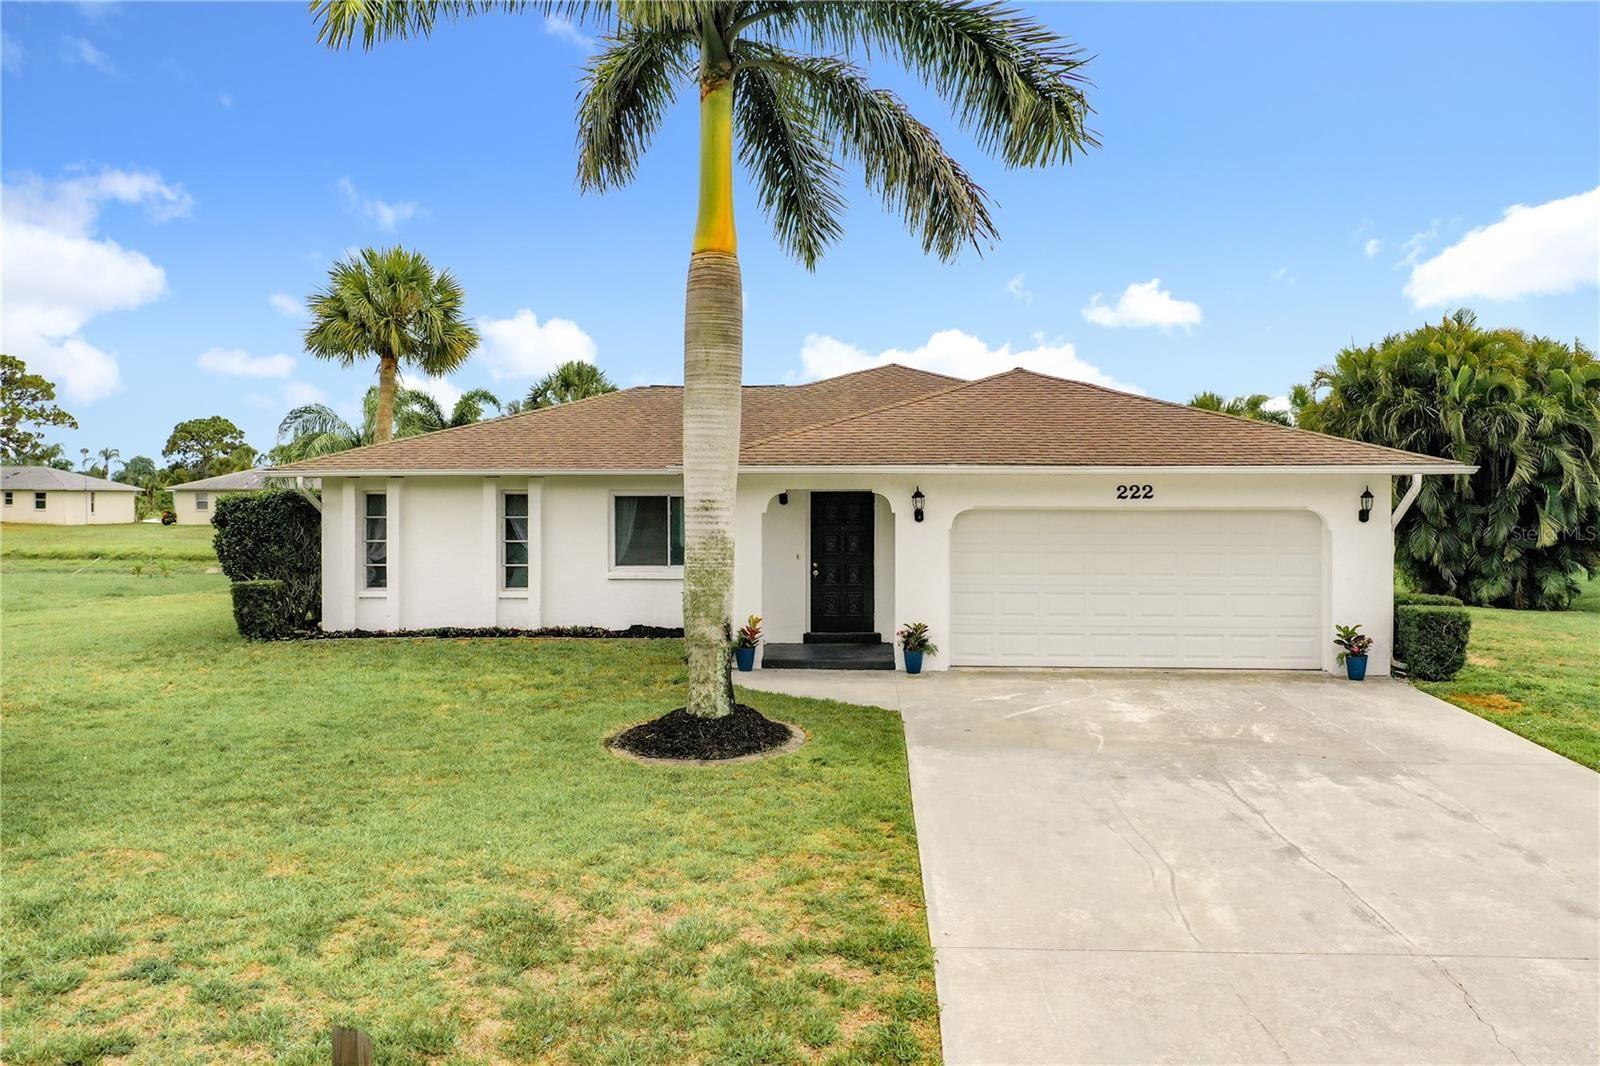 Photo of 222 ANNAPOLIS LANE, ROTONDA WEST, FL 33947 (MLS # D6119161)